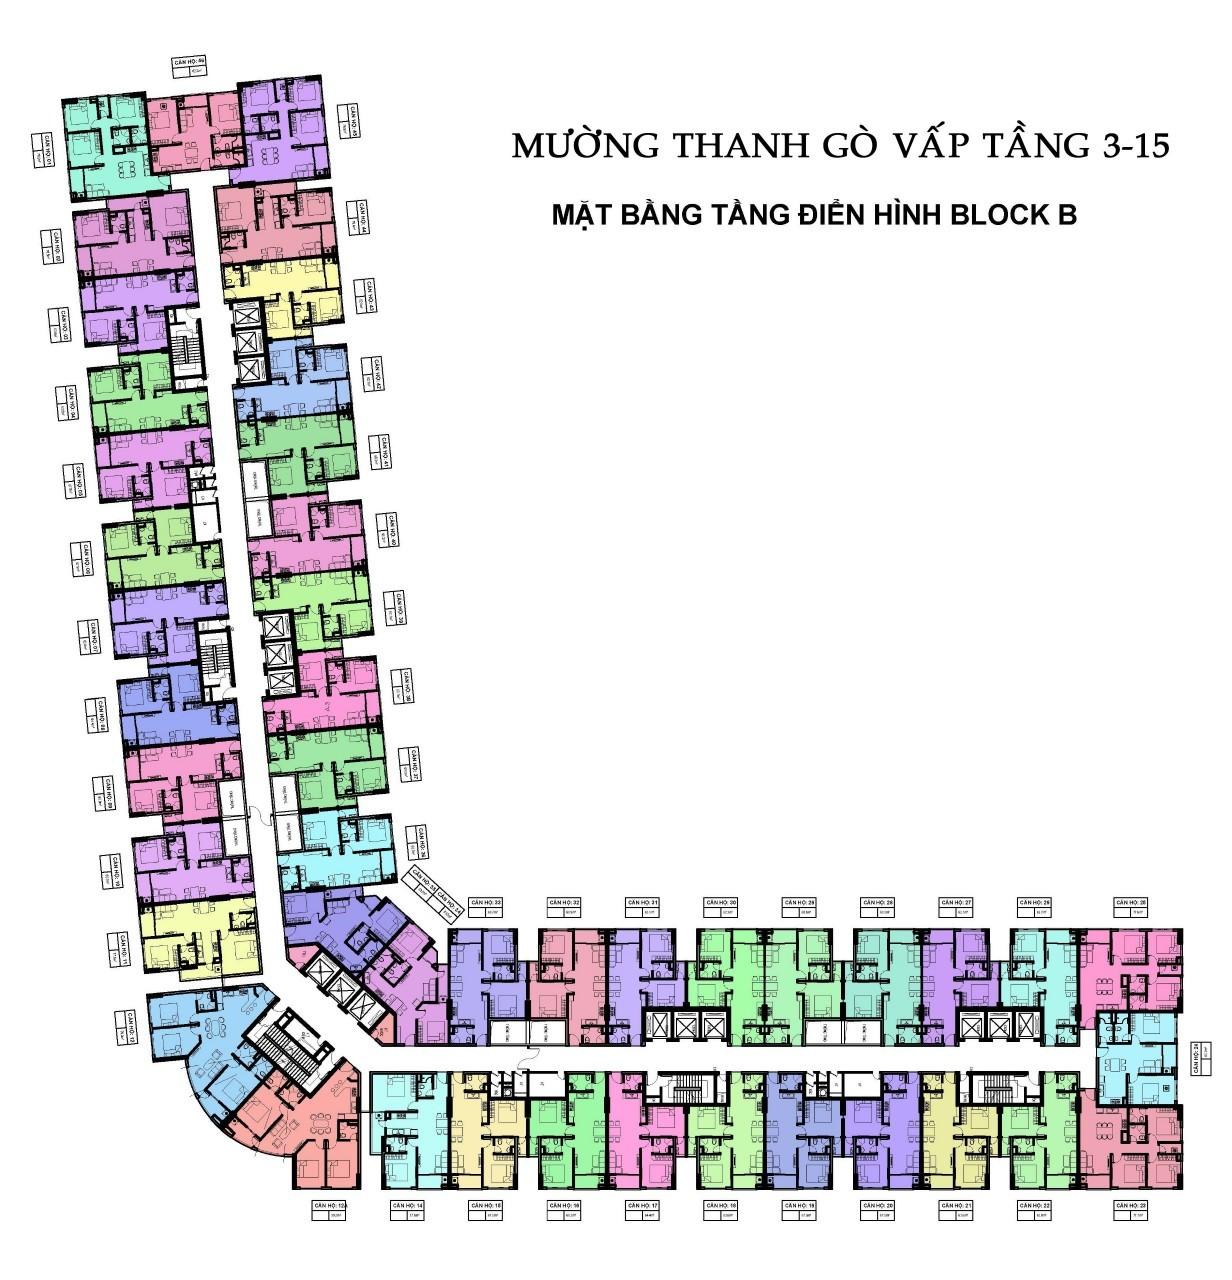 Mặt Bằng Điển Hình Block B Chung Cư Mường Thanh Gò Vấp Sài Gòn